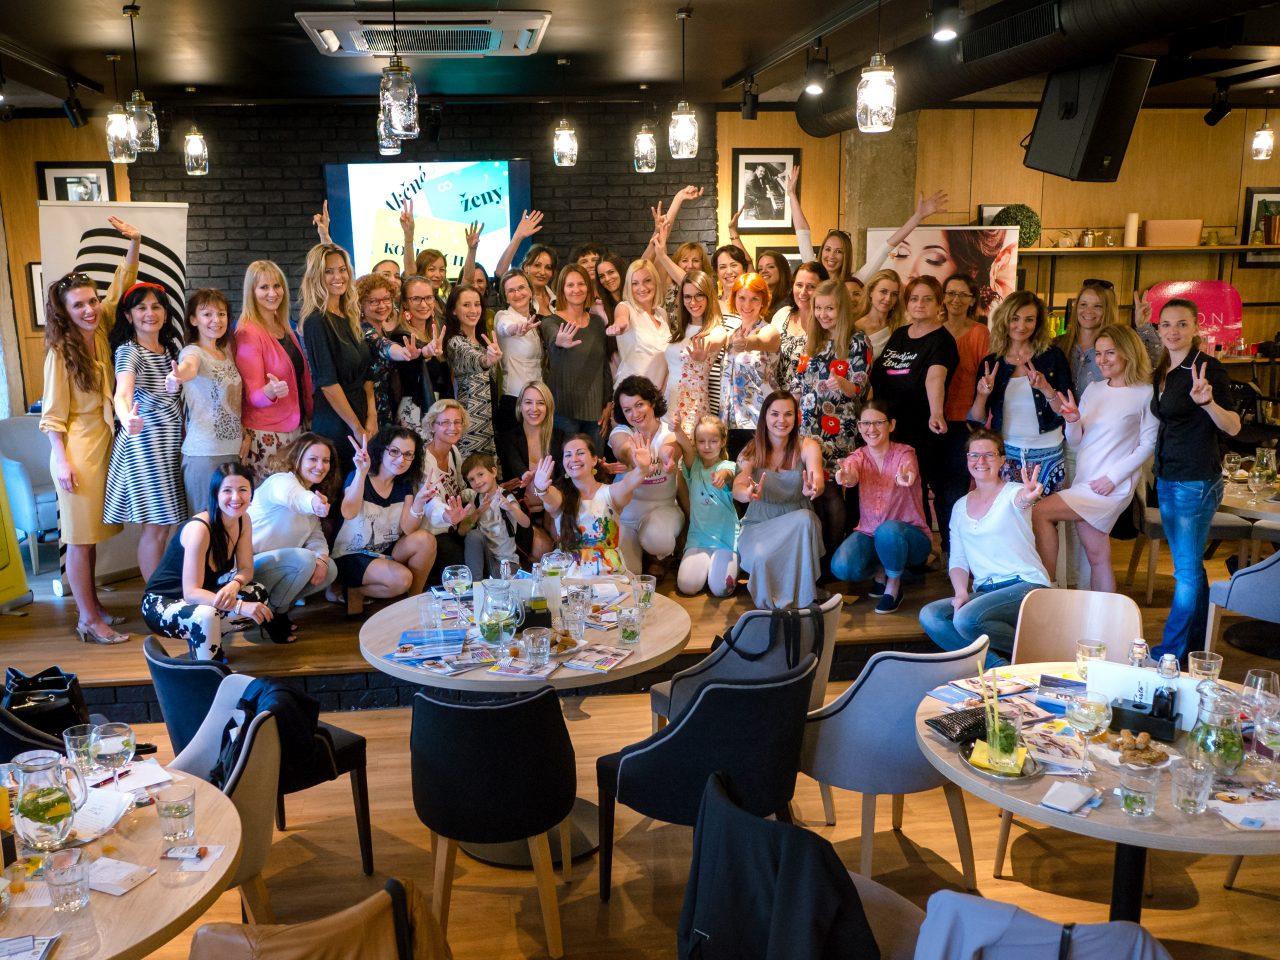 30cb459edbac4 Presne pred týždňom sa stretli akčné ženy na inšpiratívnom stretnutí v  Košiciach, aby si vymenili svoje skúsenosti aj nápady.